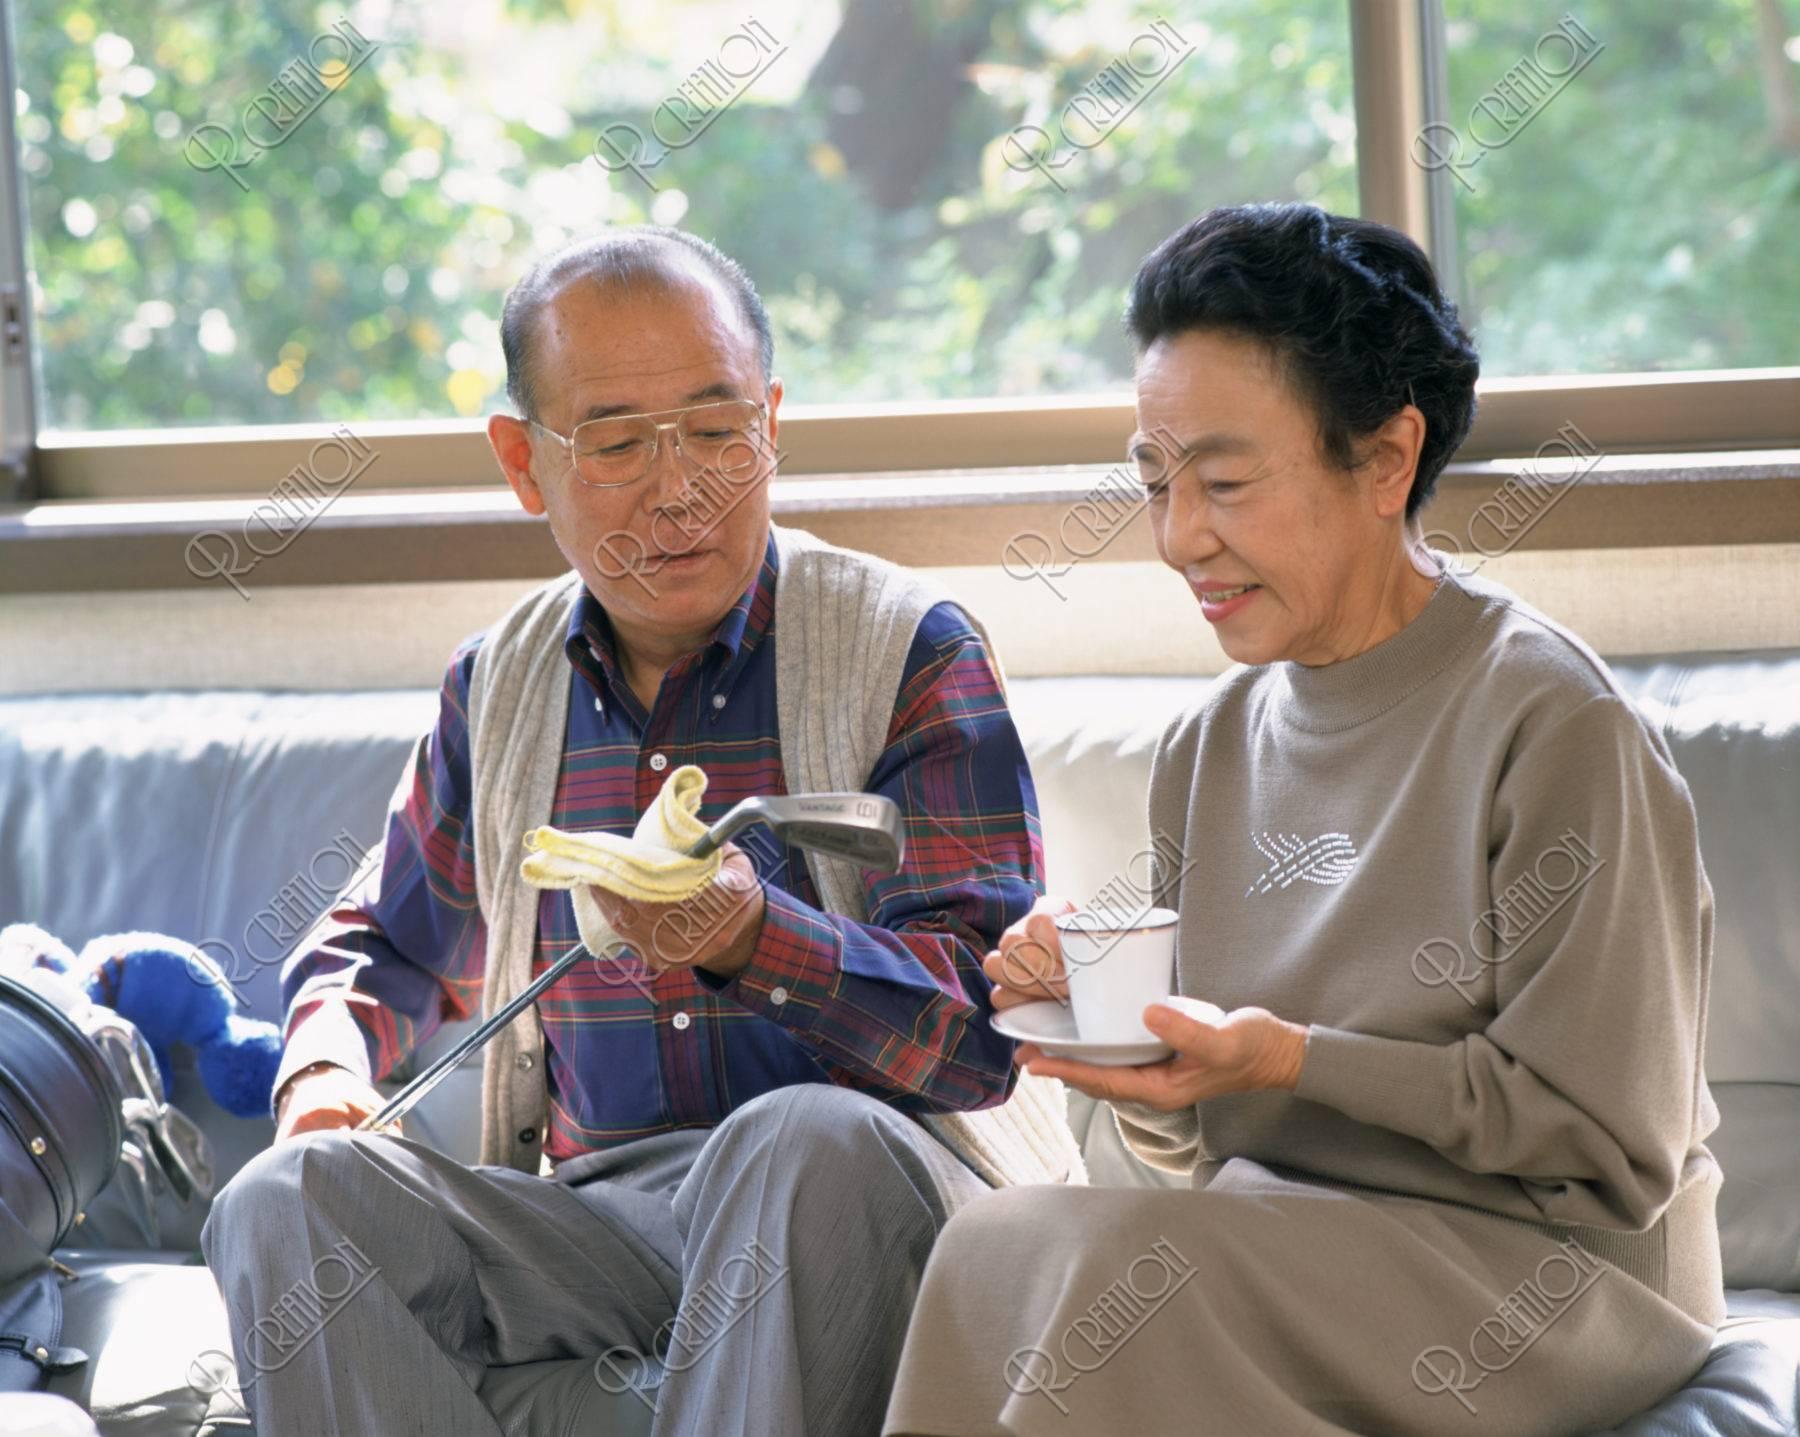 リビングの60才代の夫婦